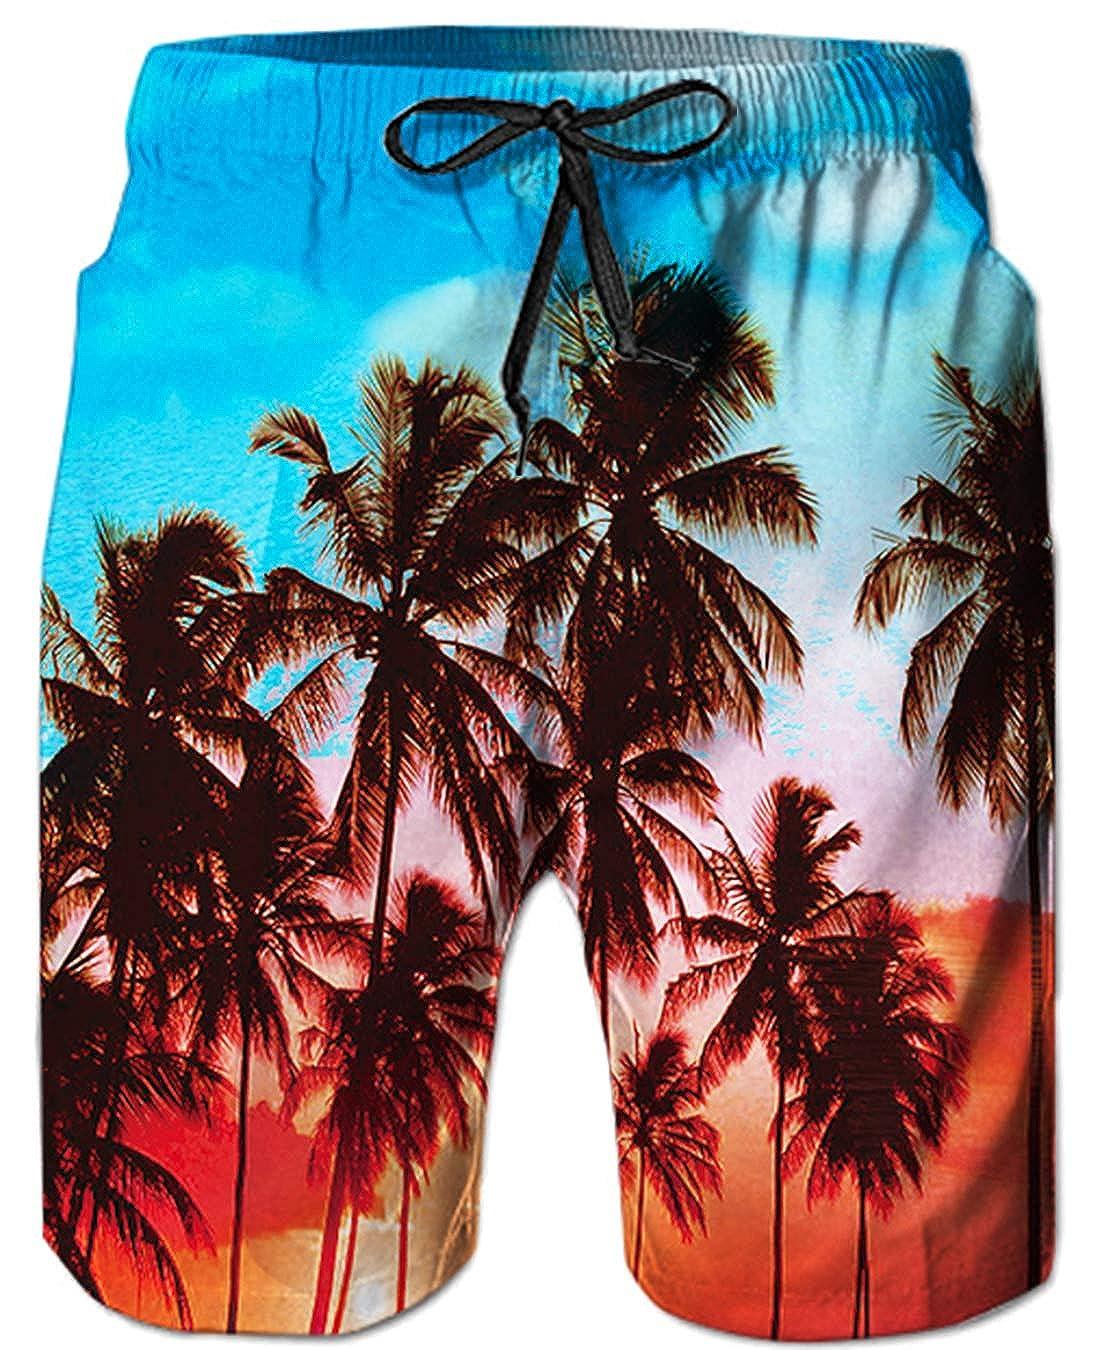 Goodstoworld Pantalones Cortos De Nataci/ón para Hombre Pantalones Cortos para Correr con Estampado 3D Troncos De Surf De Playa De Verano De Secado R/ápido S XXXL